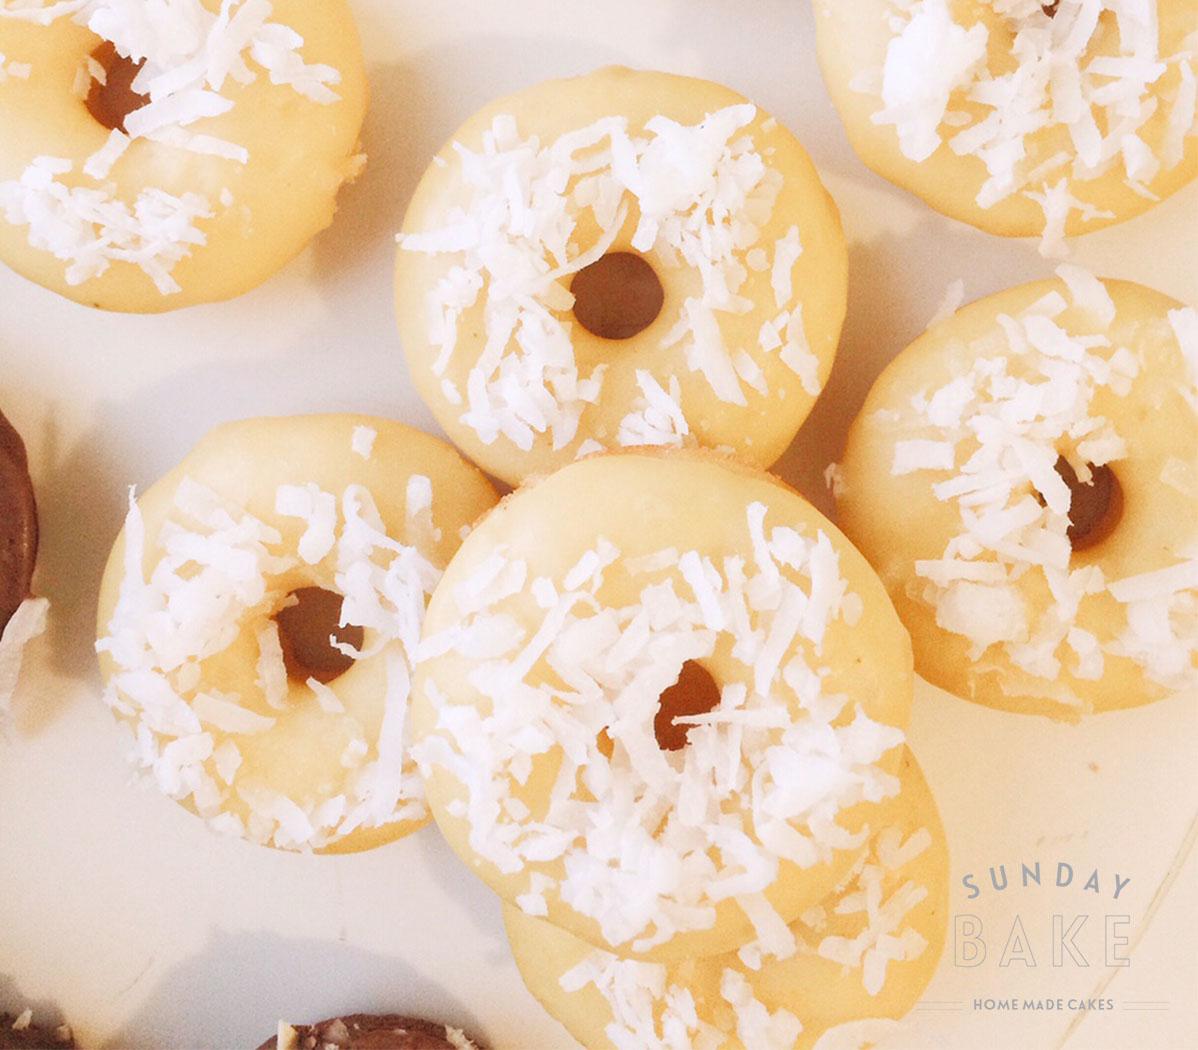 PassionFruitBakedDoughnuts.jpg